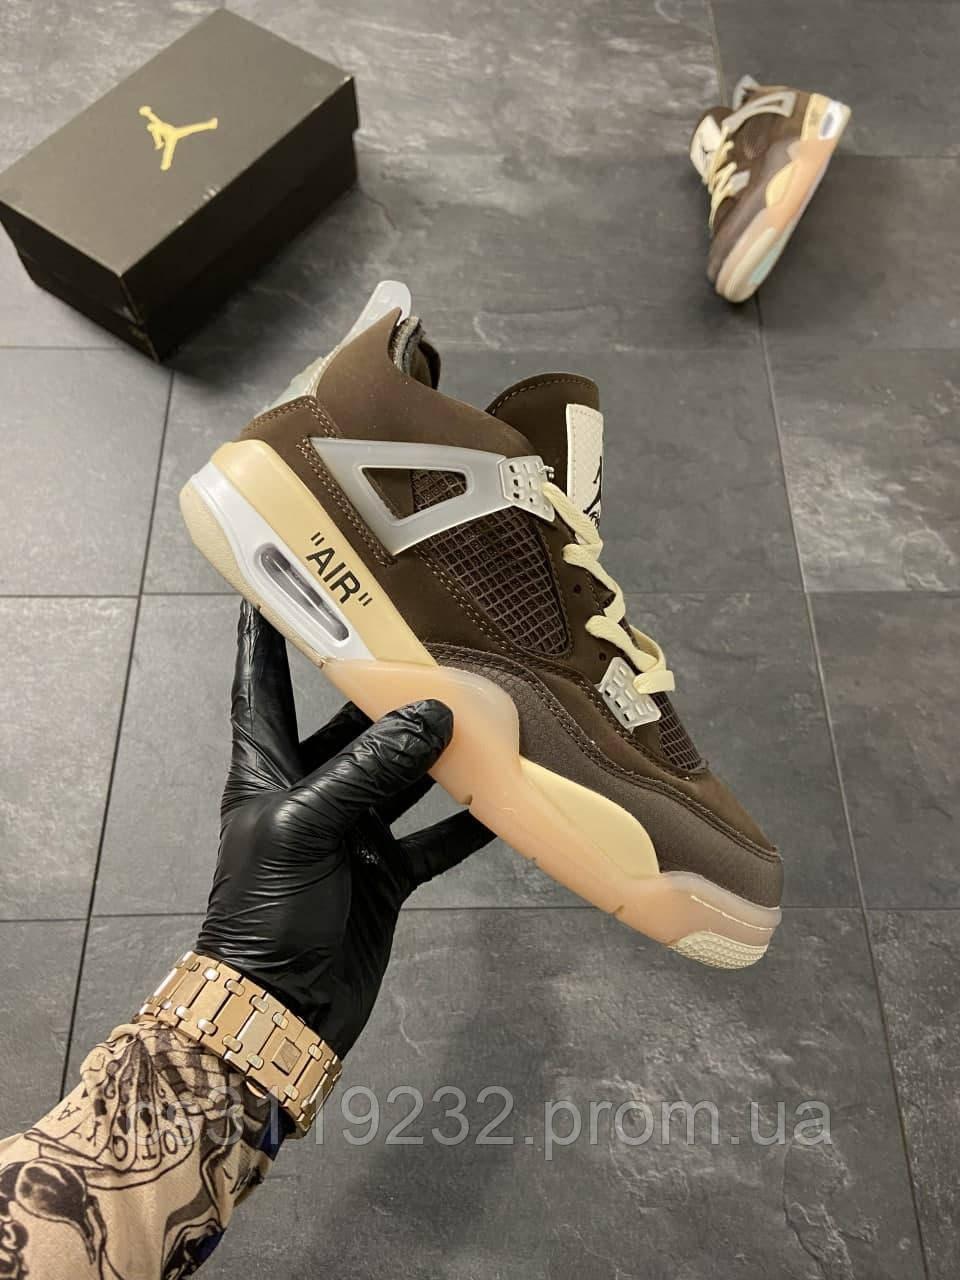 Мужские кроссовки Air Jordan 4 Off-White Brown Beige (коричневый/бежевый)